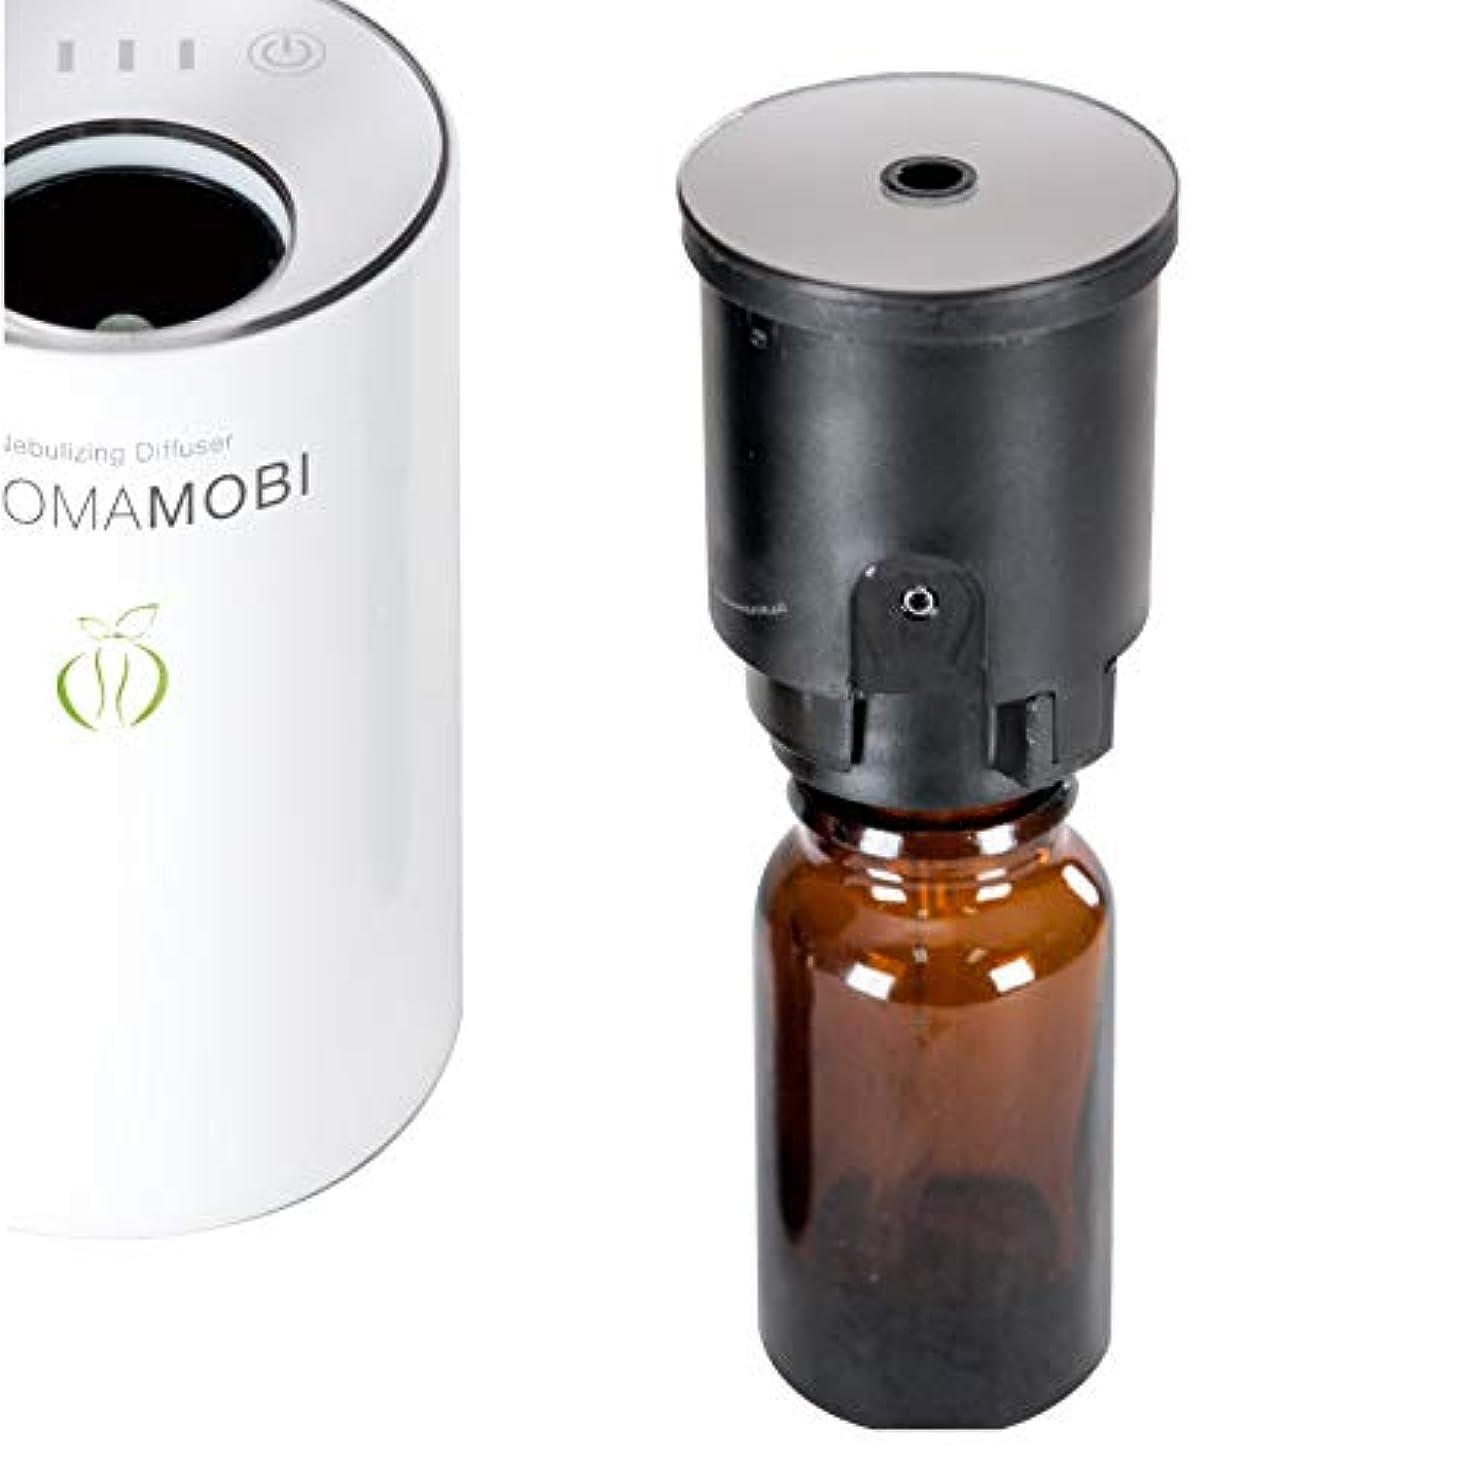 信頼性のあるホイップ強度funks アロマモビ 専用 交換用 ノズル ボトルセット aromamobi アロマディフューザー